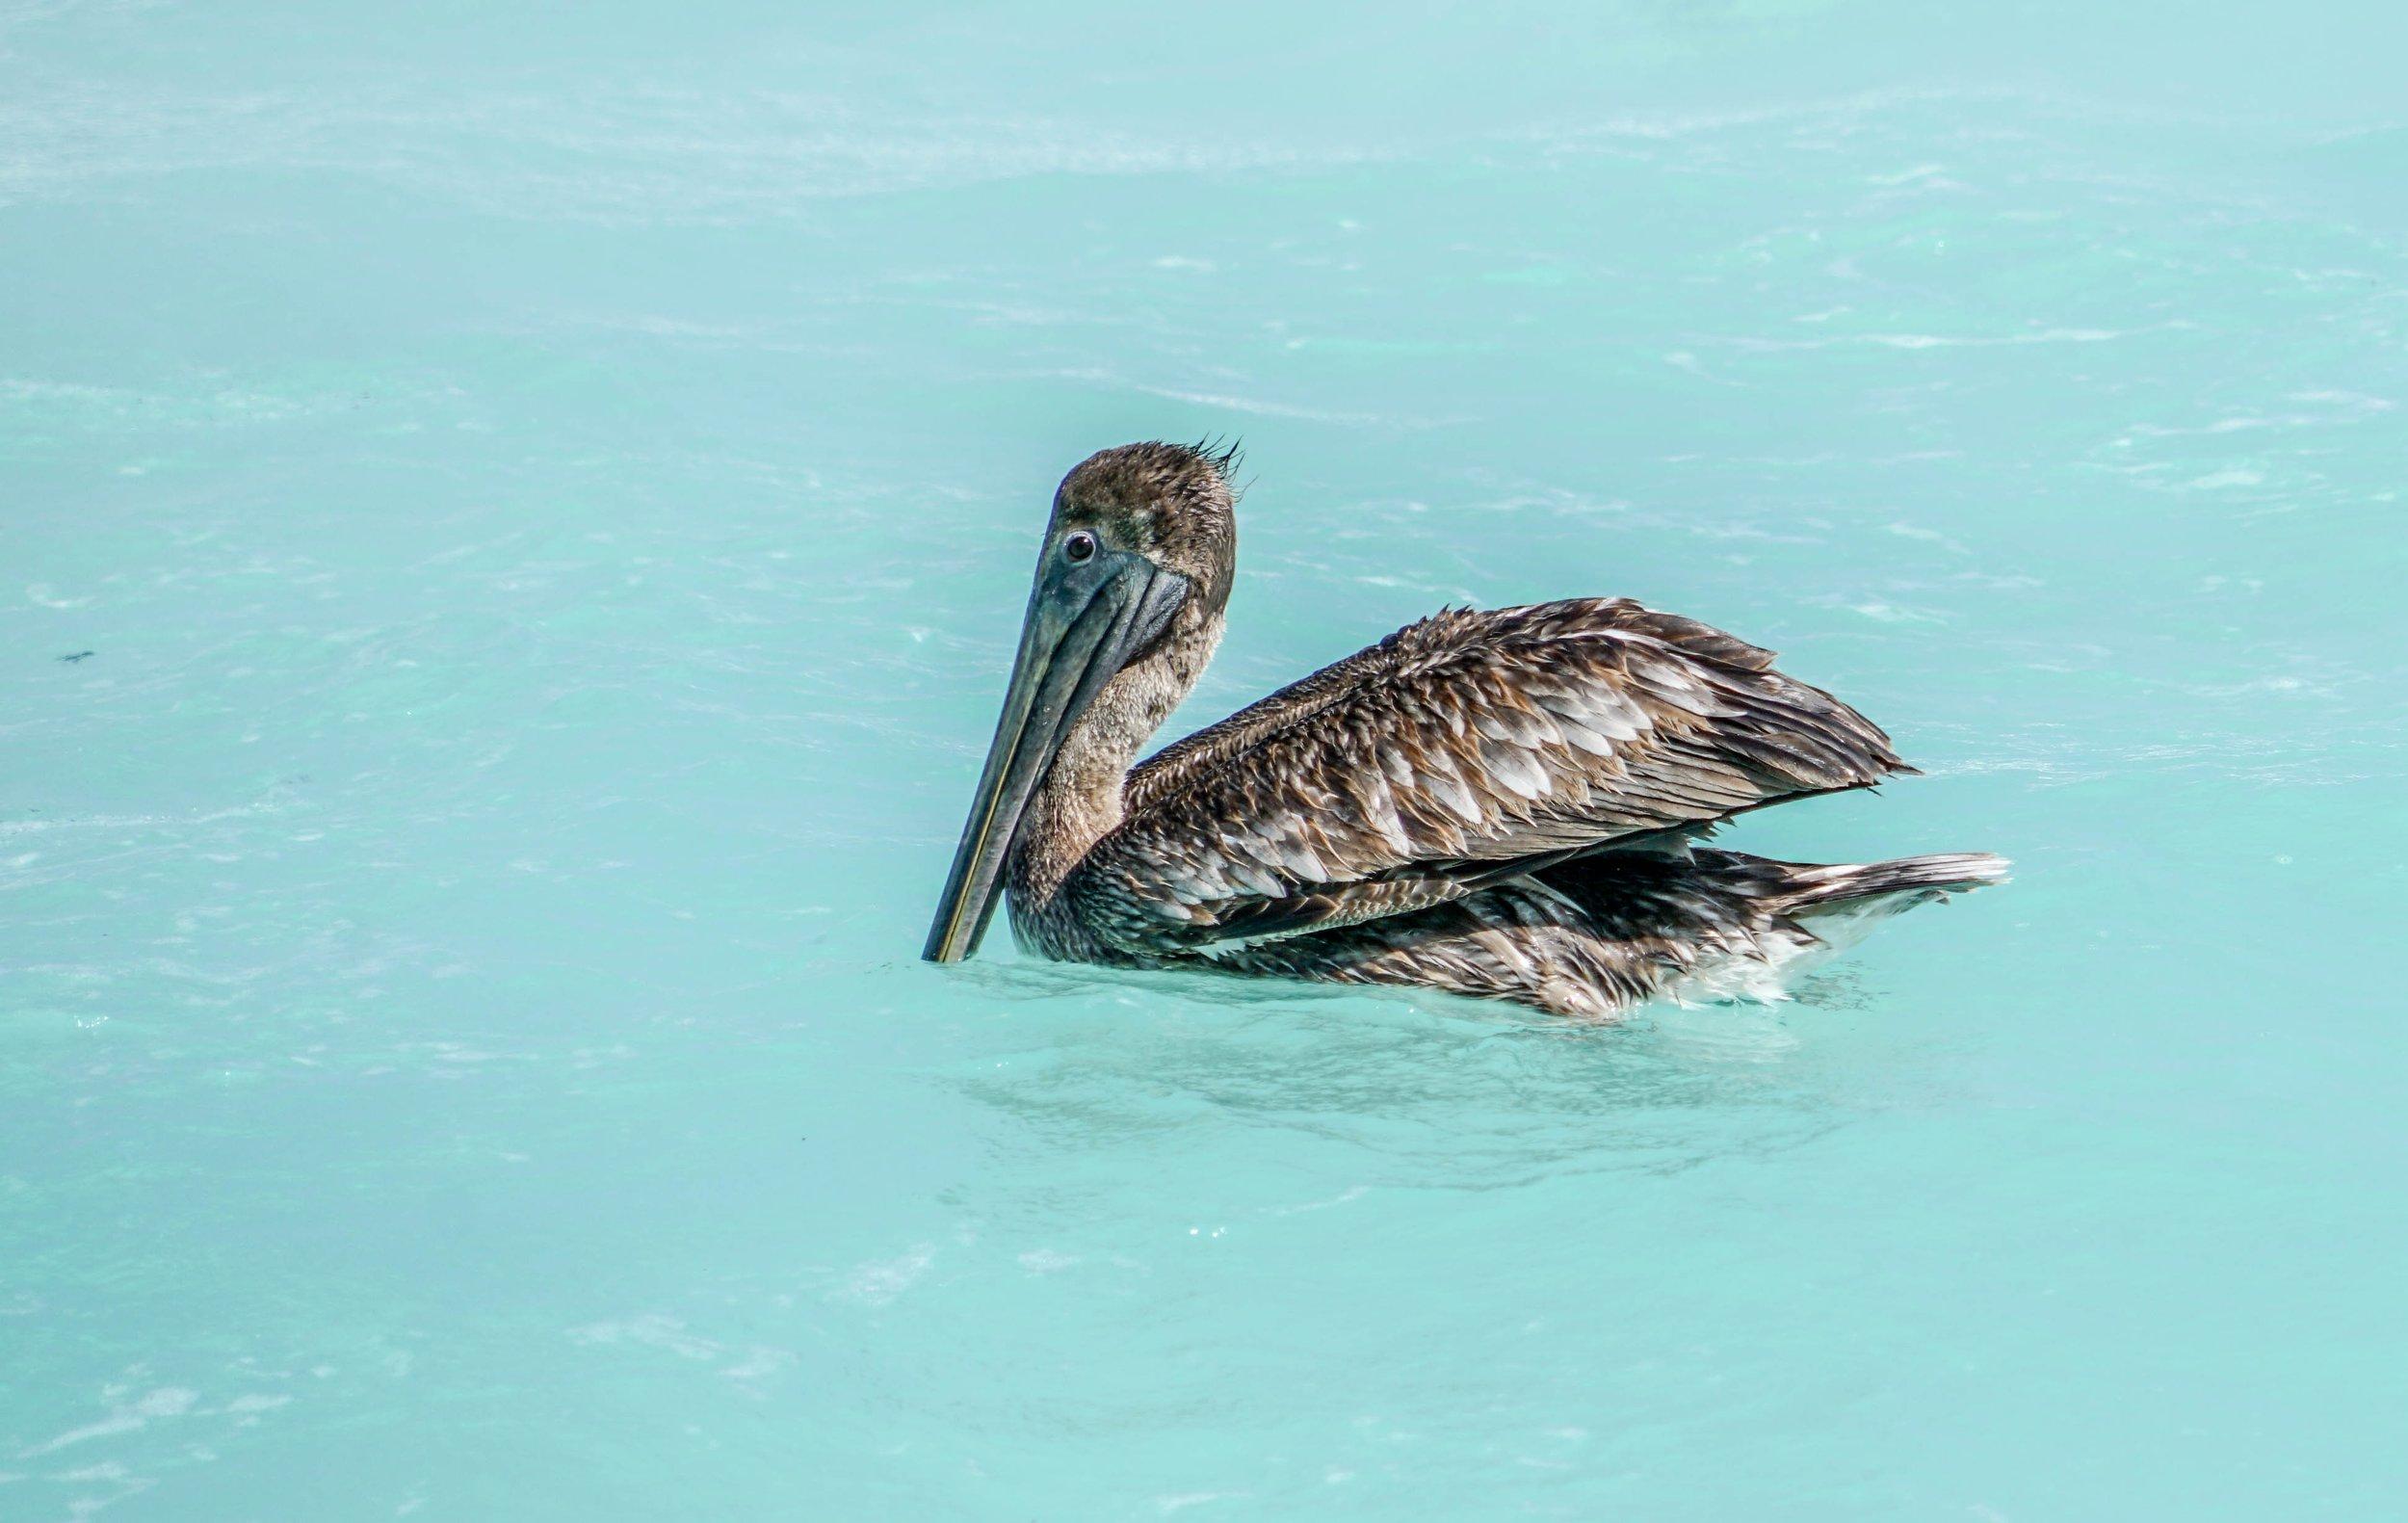 Tulum, Meksiko, Karibia, pelikaani